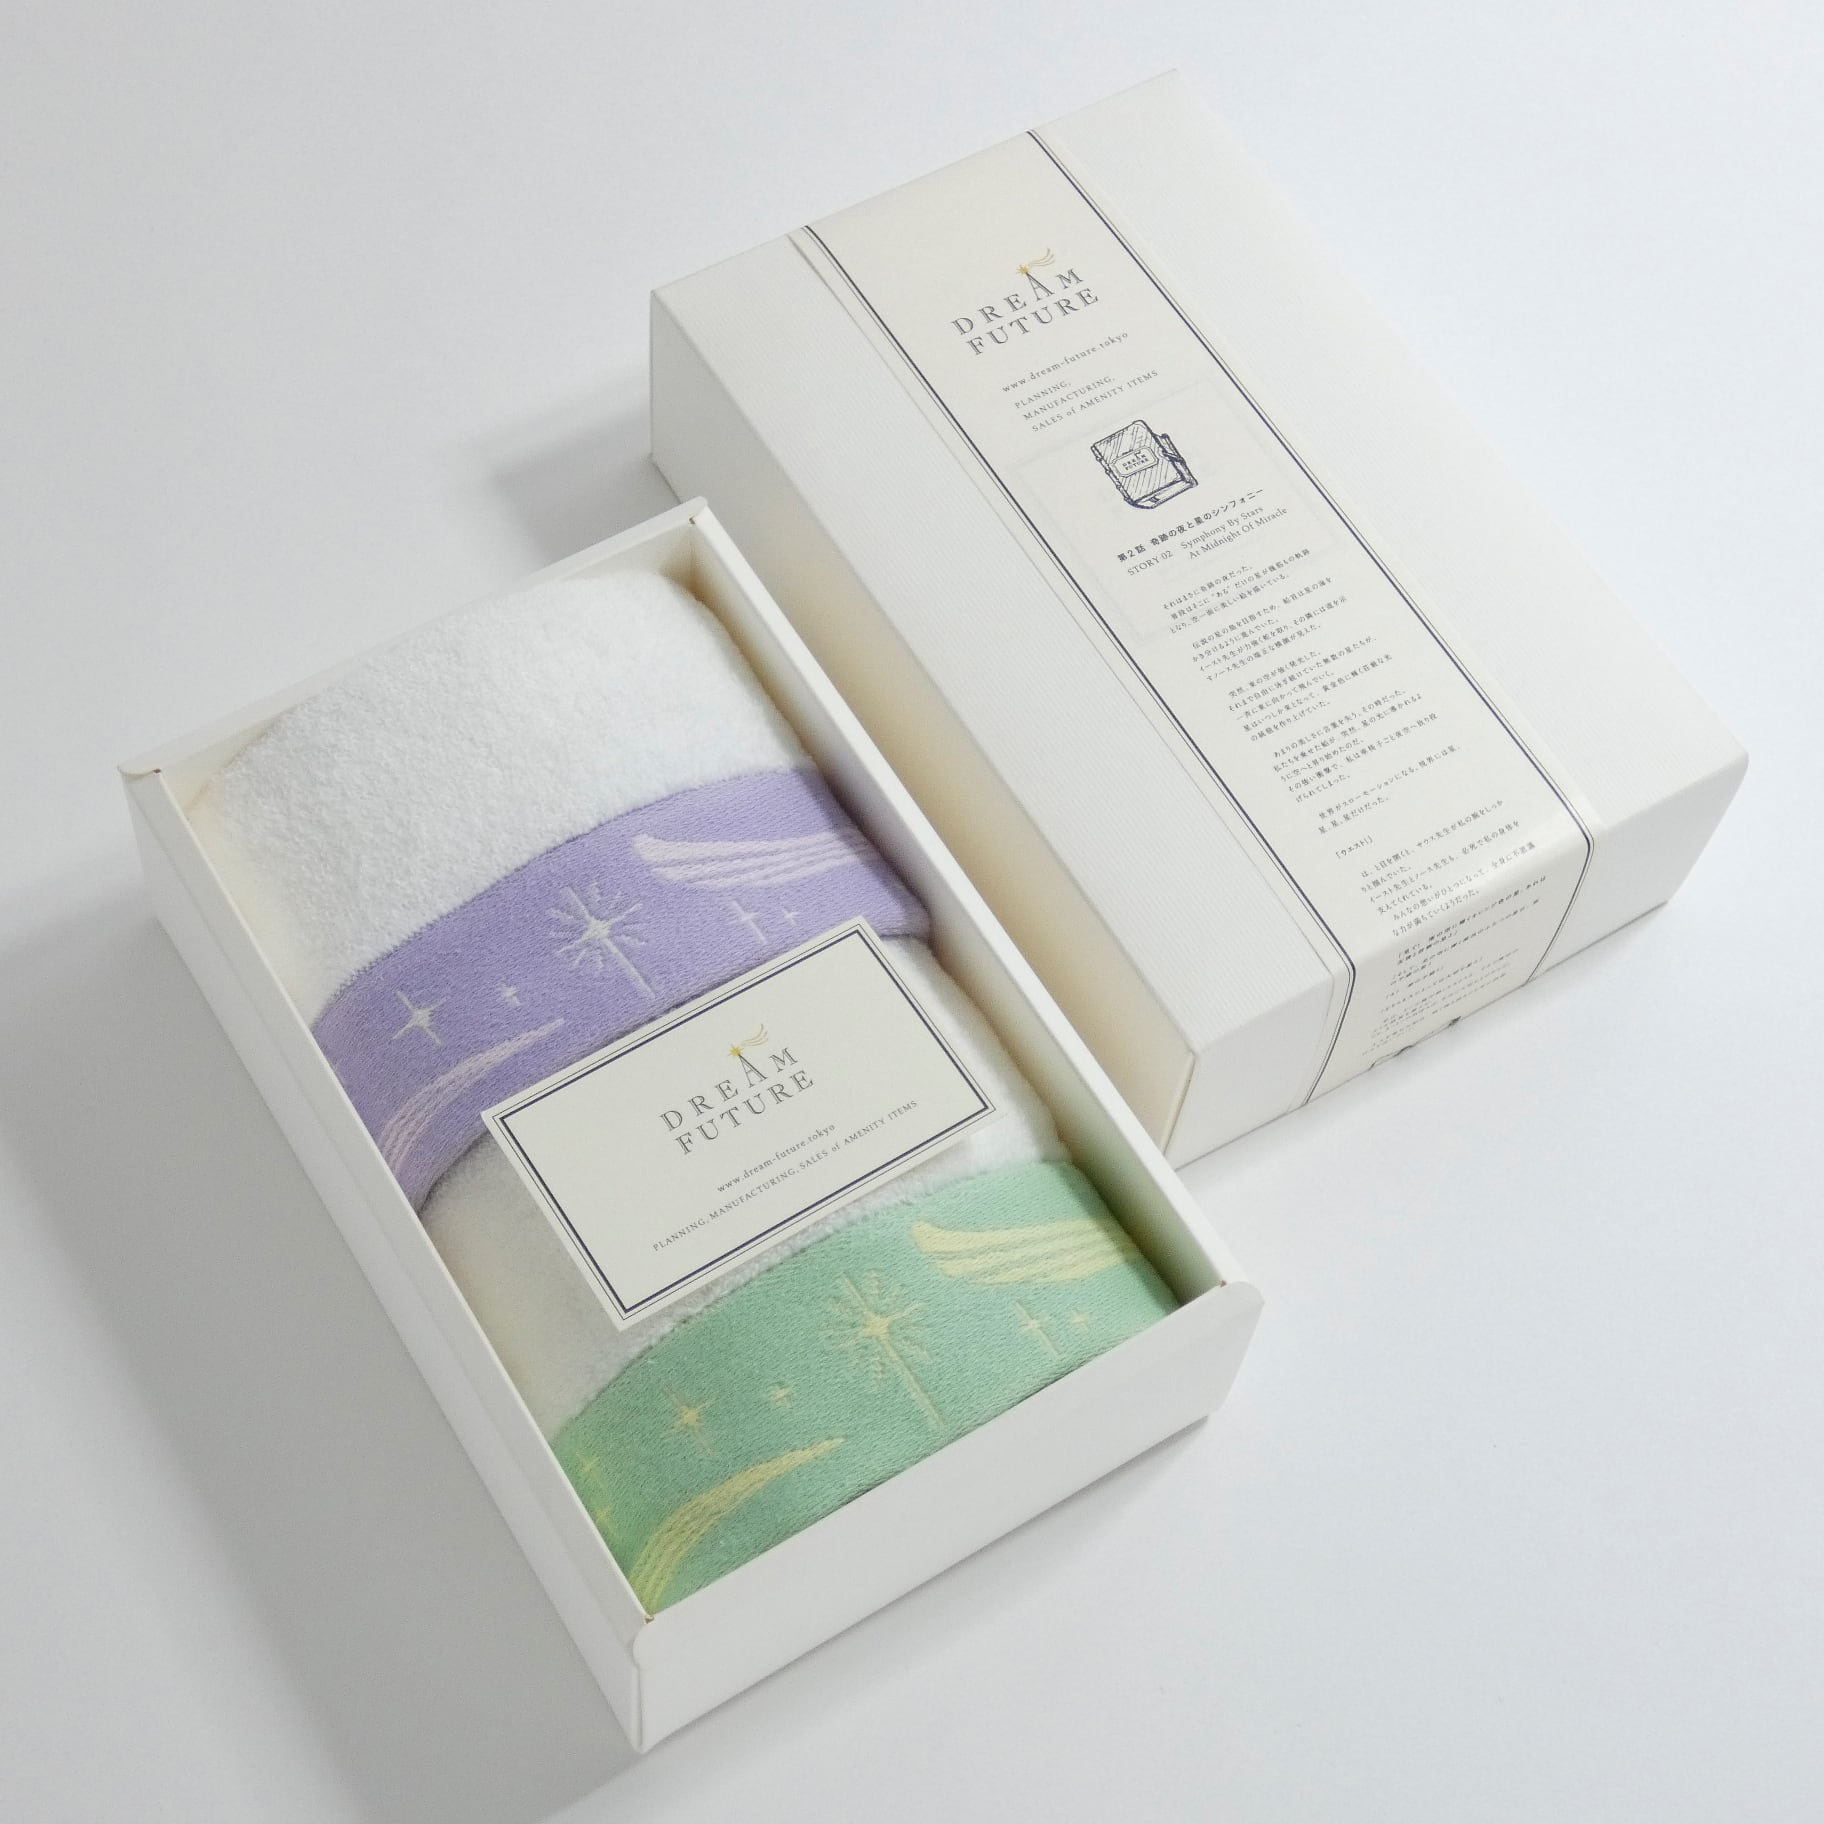 無撚糸(むねんし)高級Hand Towel 2枚SET GREEN  /  PURPLE